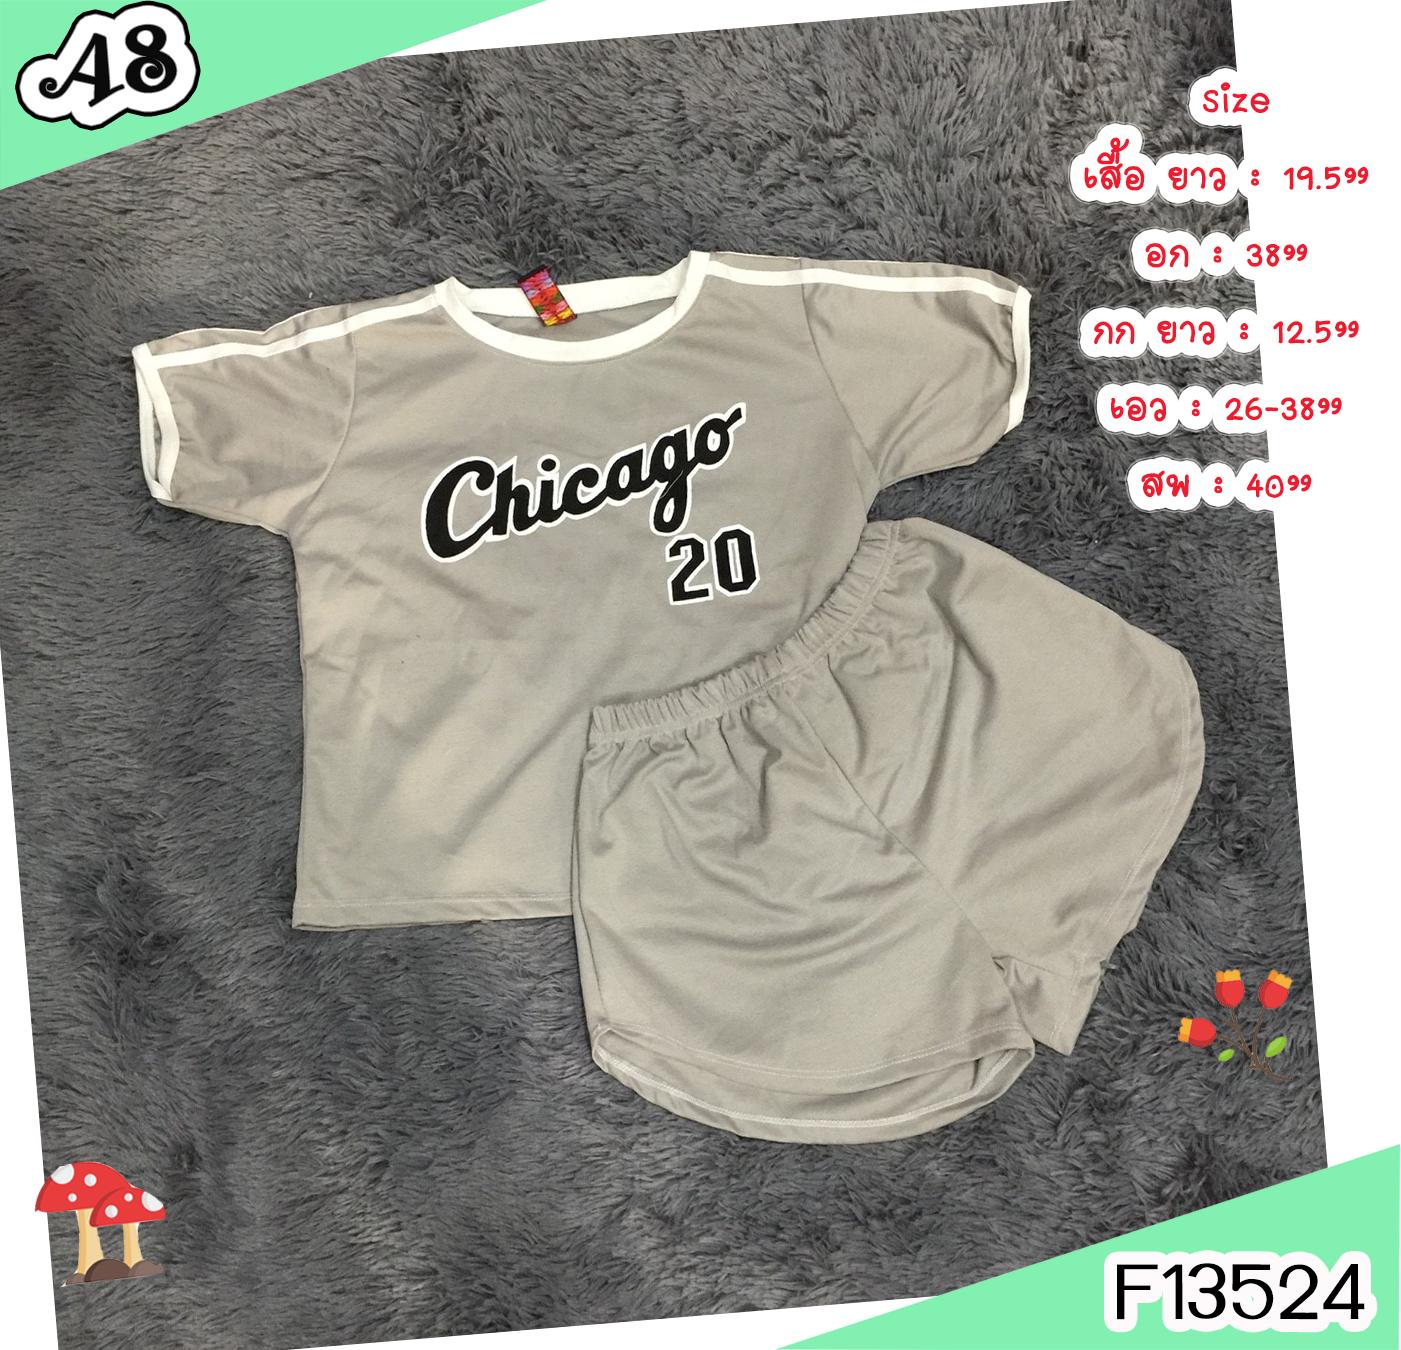 F13524 เซ็ต 2 ชิ้น เสื้อ+กางเกงขาสั้น สกรีน chicago20 ที่หน้าอก กางเกงใส่ยางยืดรอบเอว สีเทา